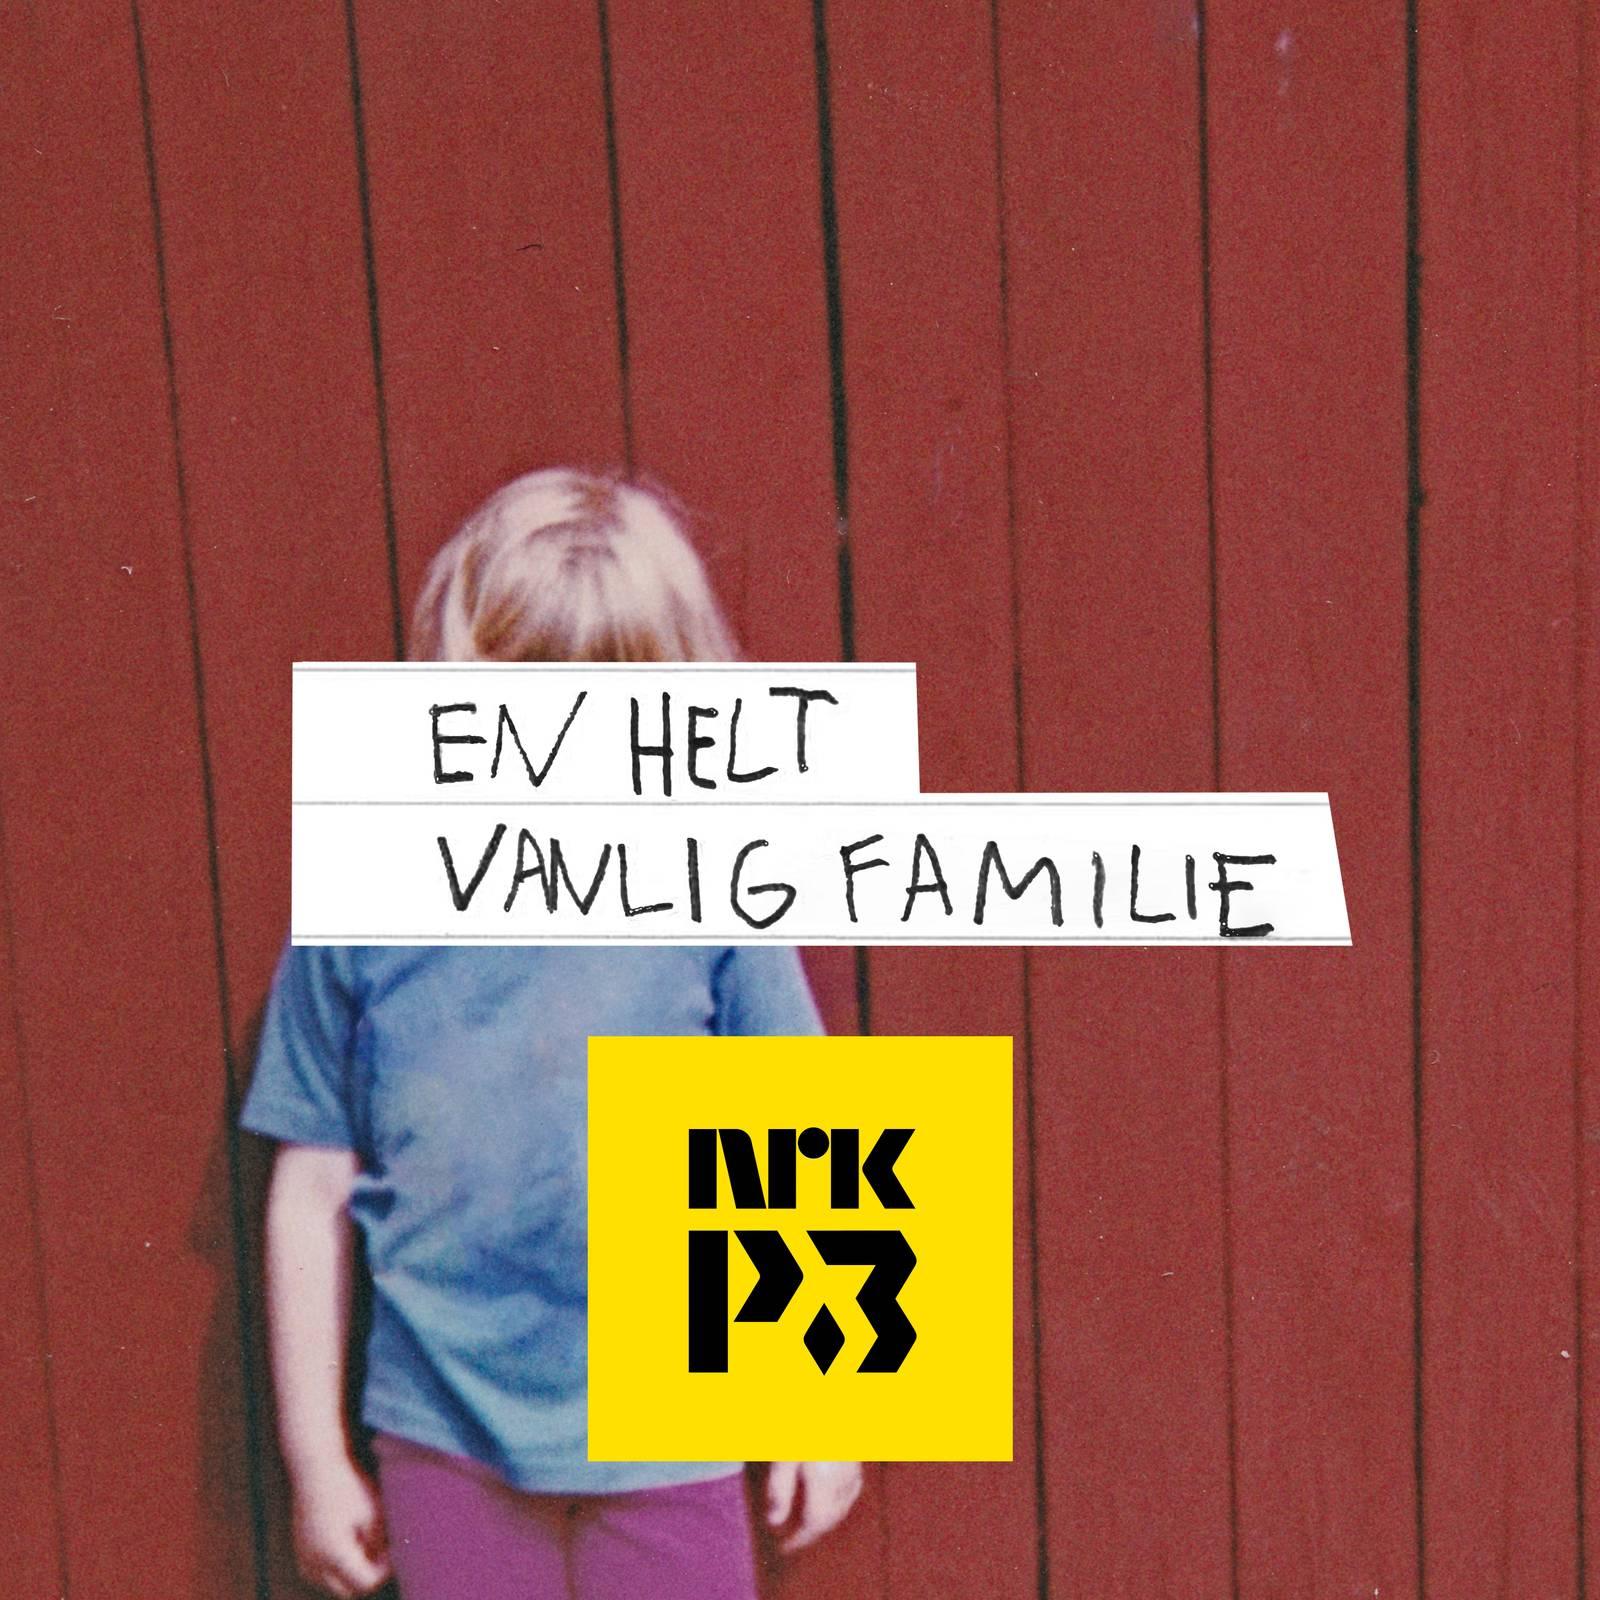 En helt vanlig familie (3:3)